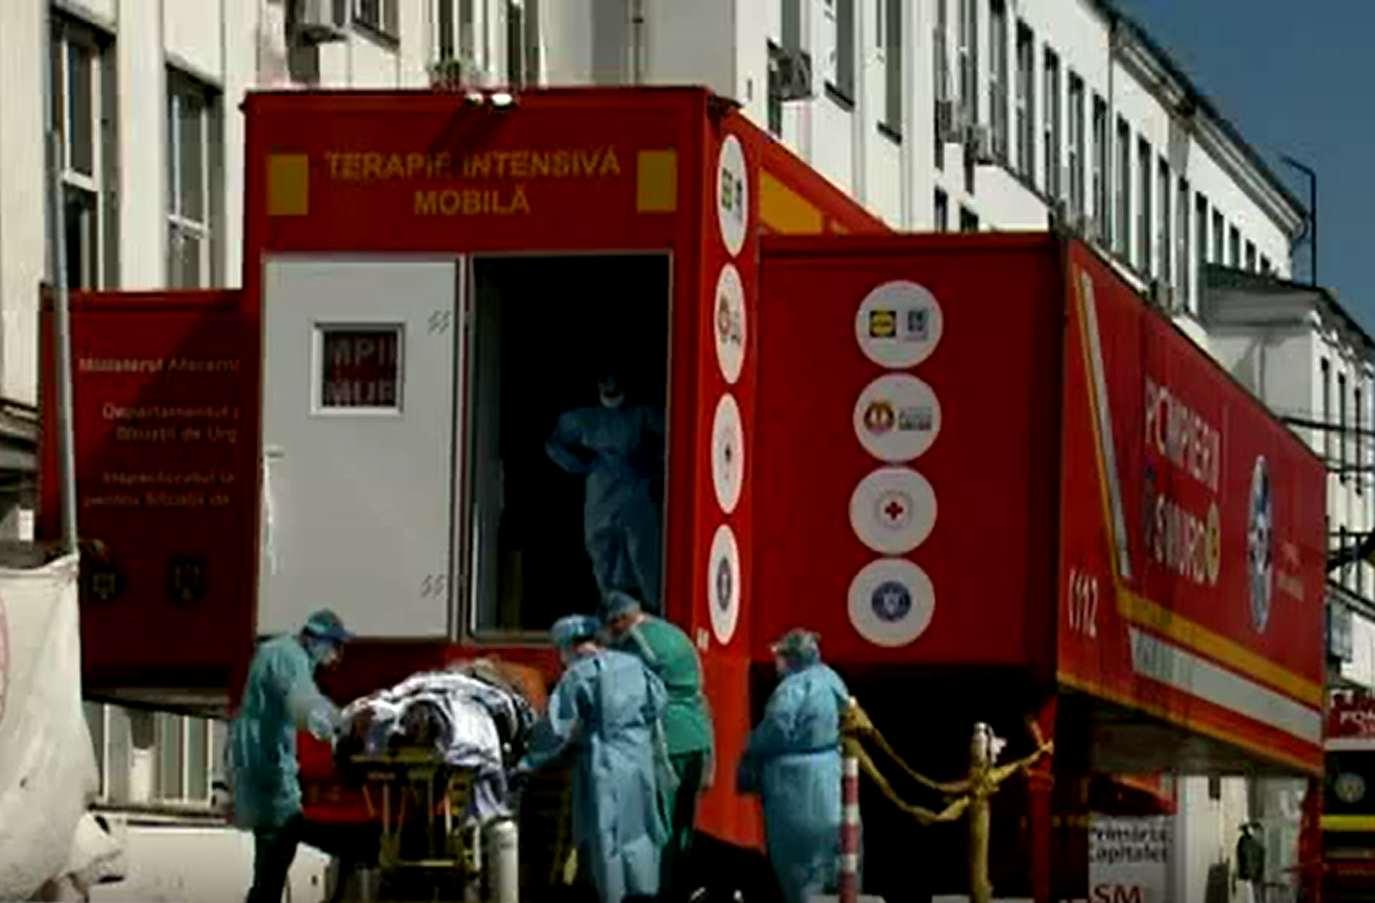 Pană de OXIGEN la unitatea mobilă de terapie intensivă de la Spitalul Victor Babeş din Bucureşti: Trei persoane au murit